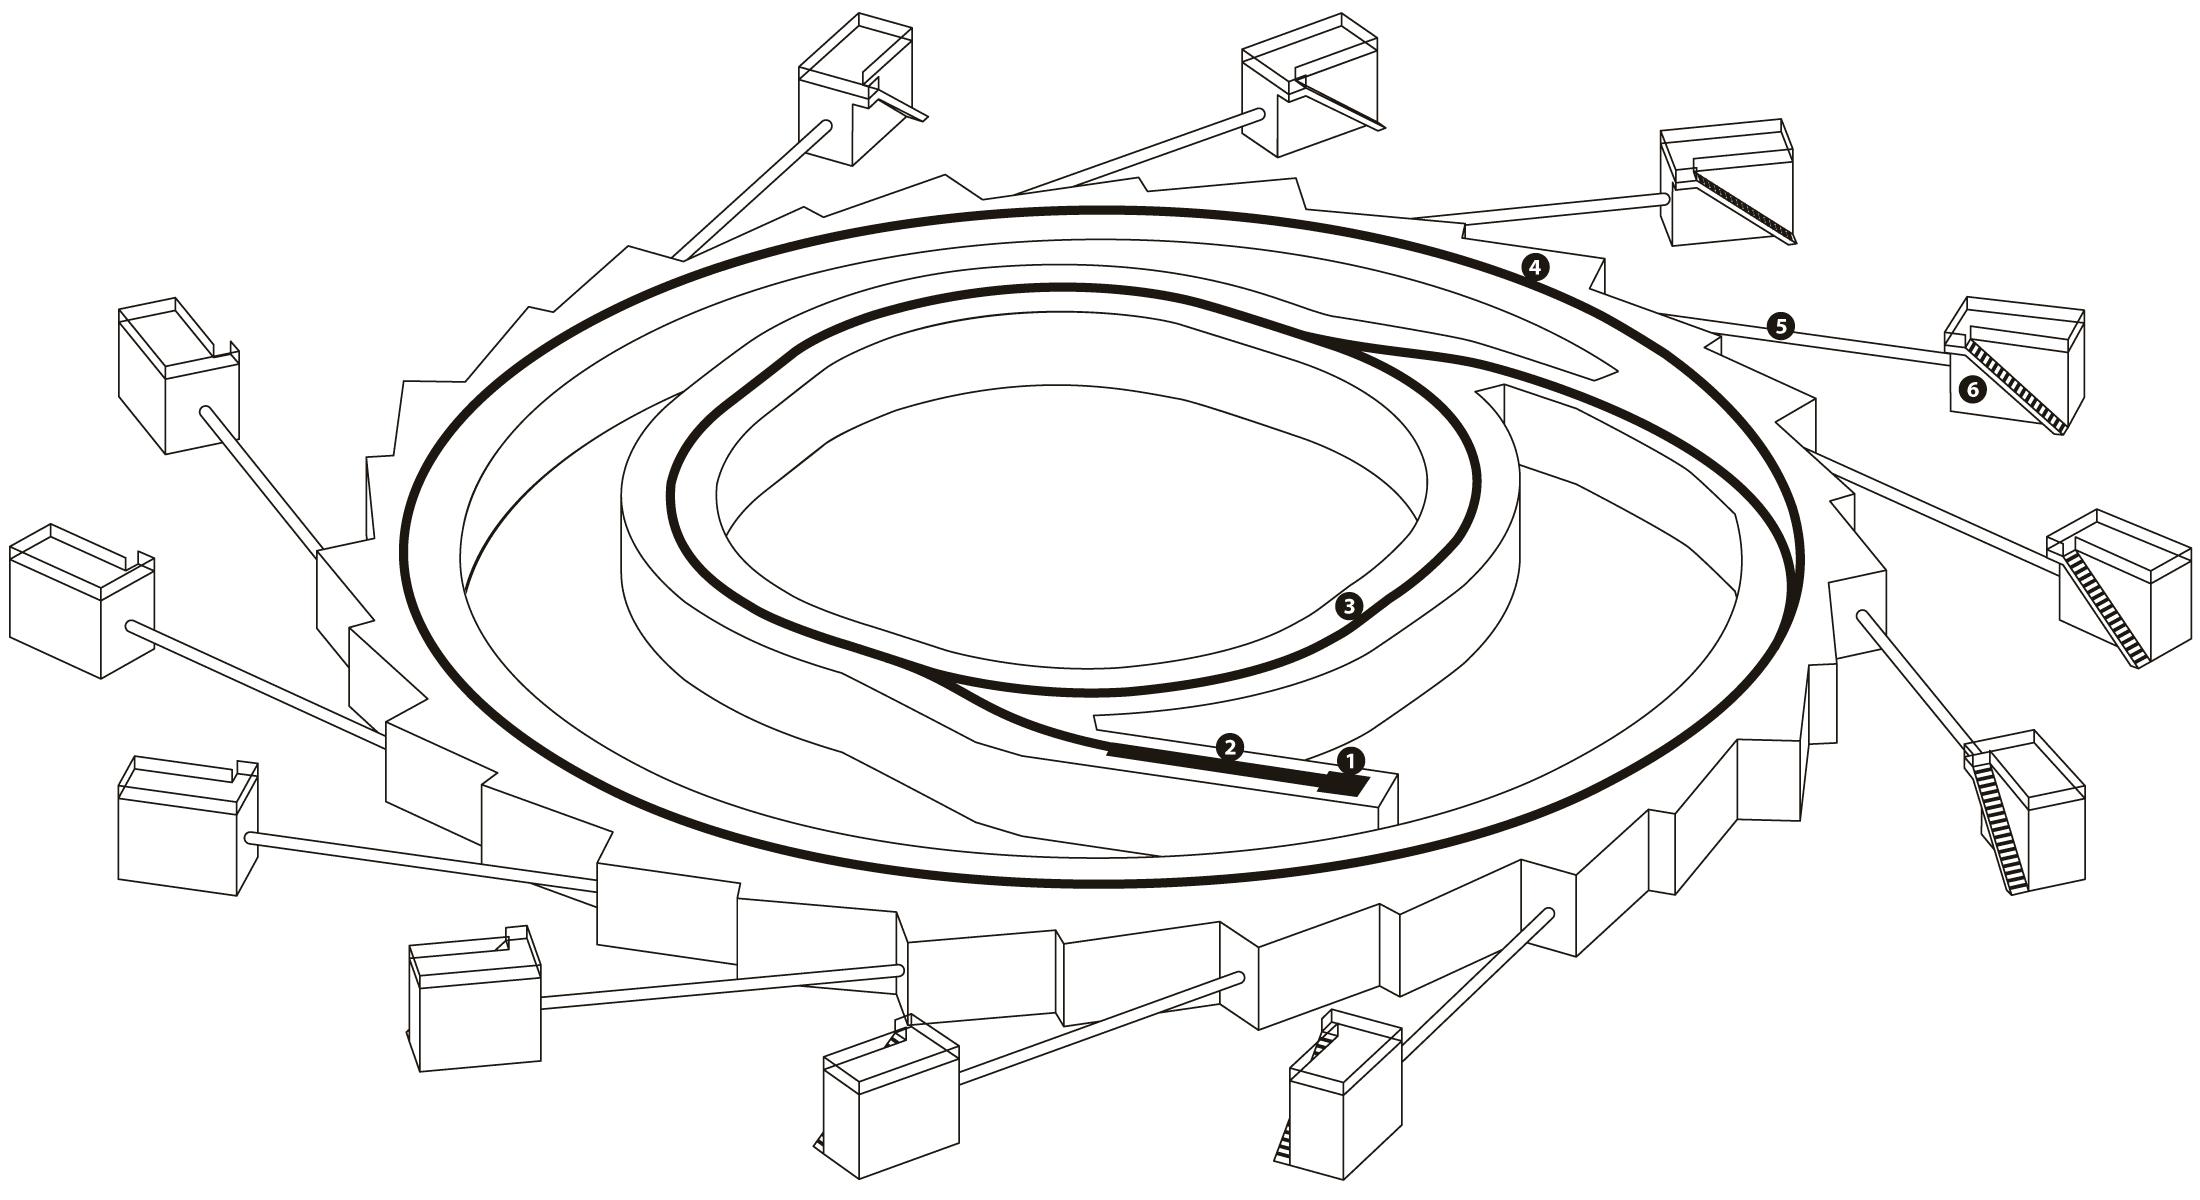 Synchrotron Diagram